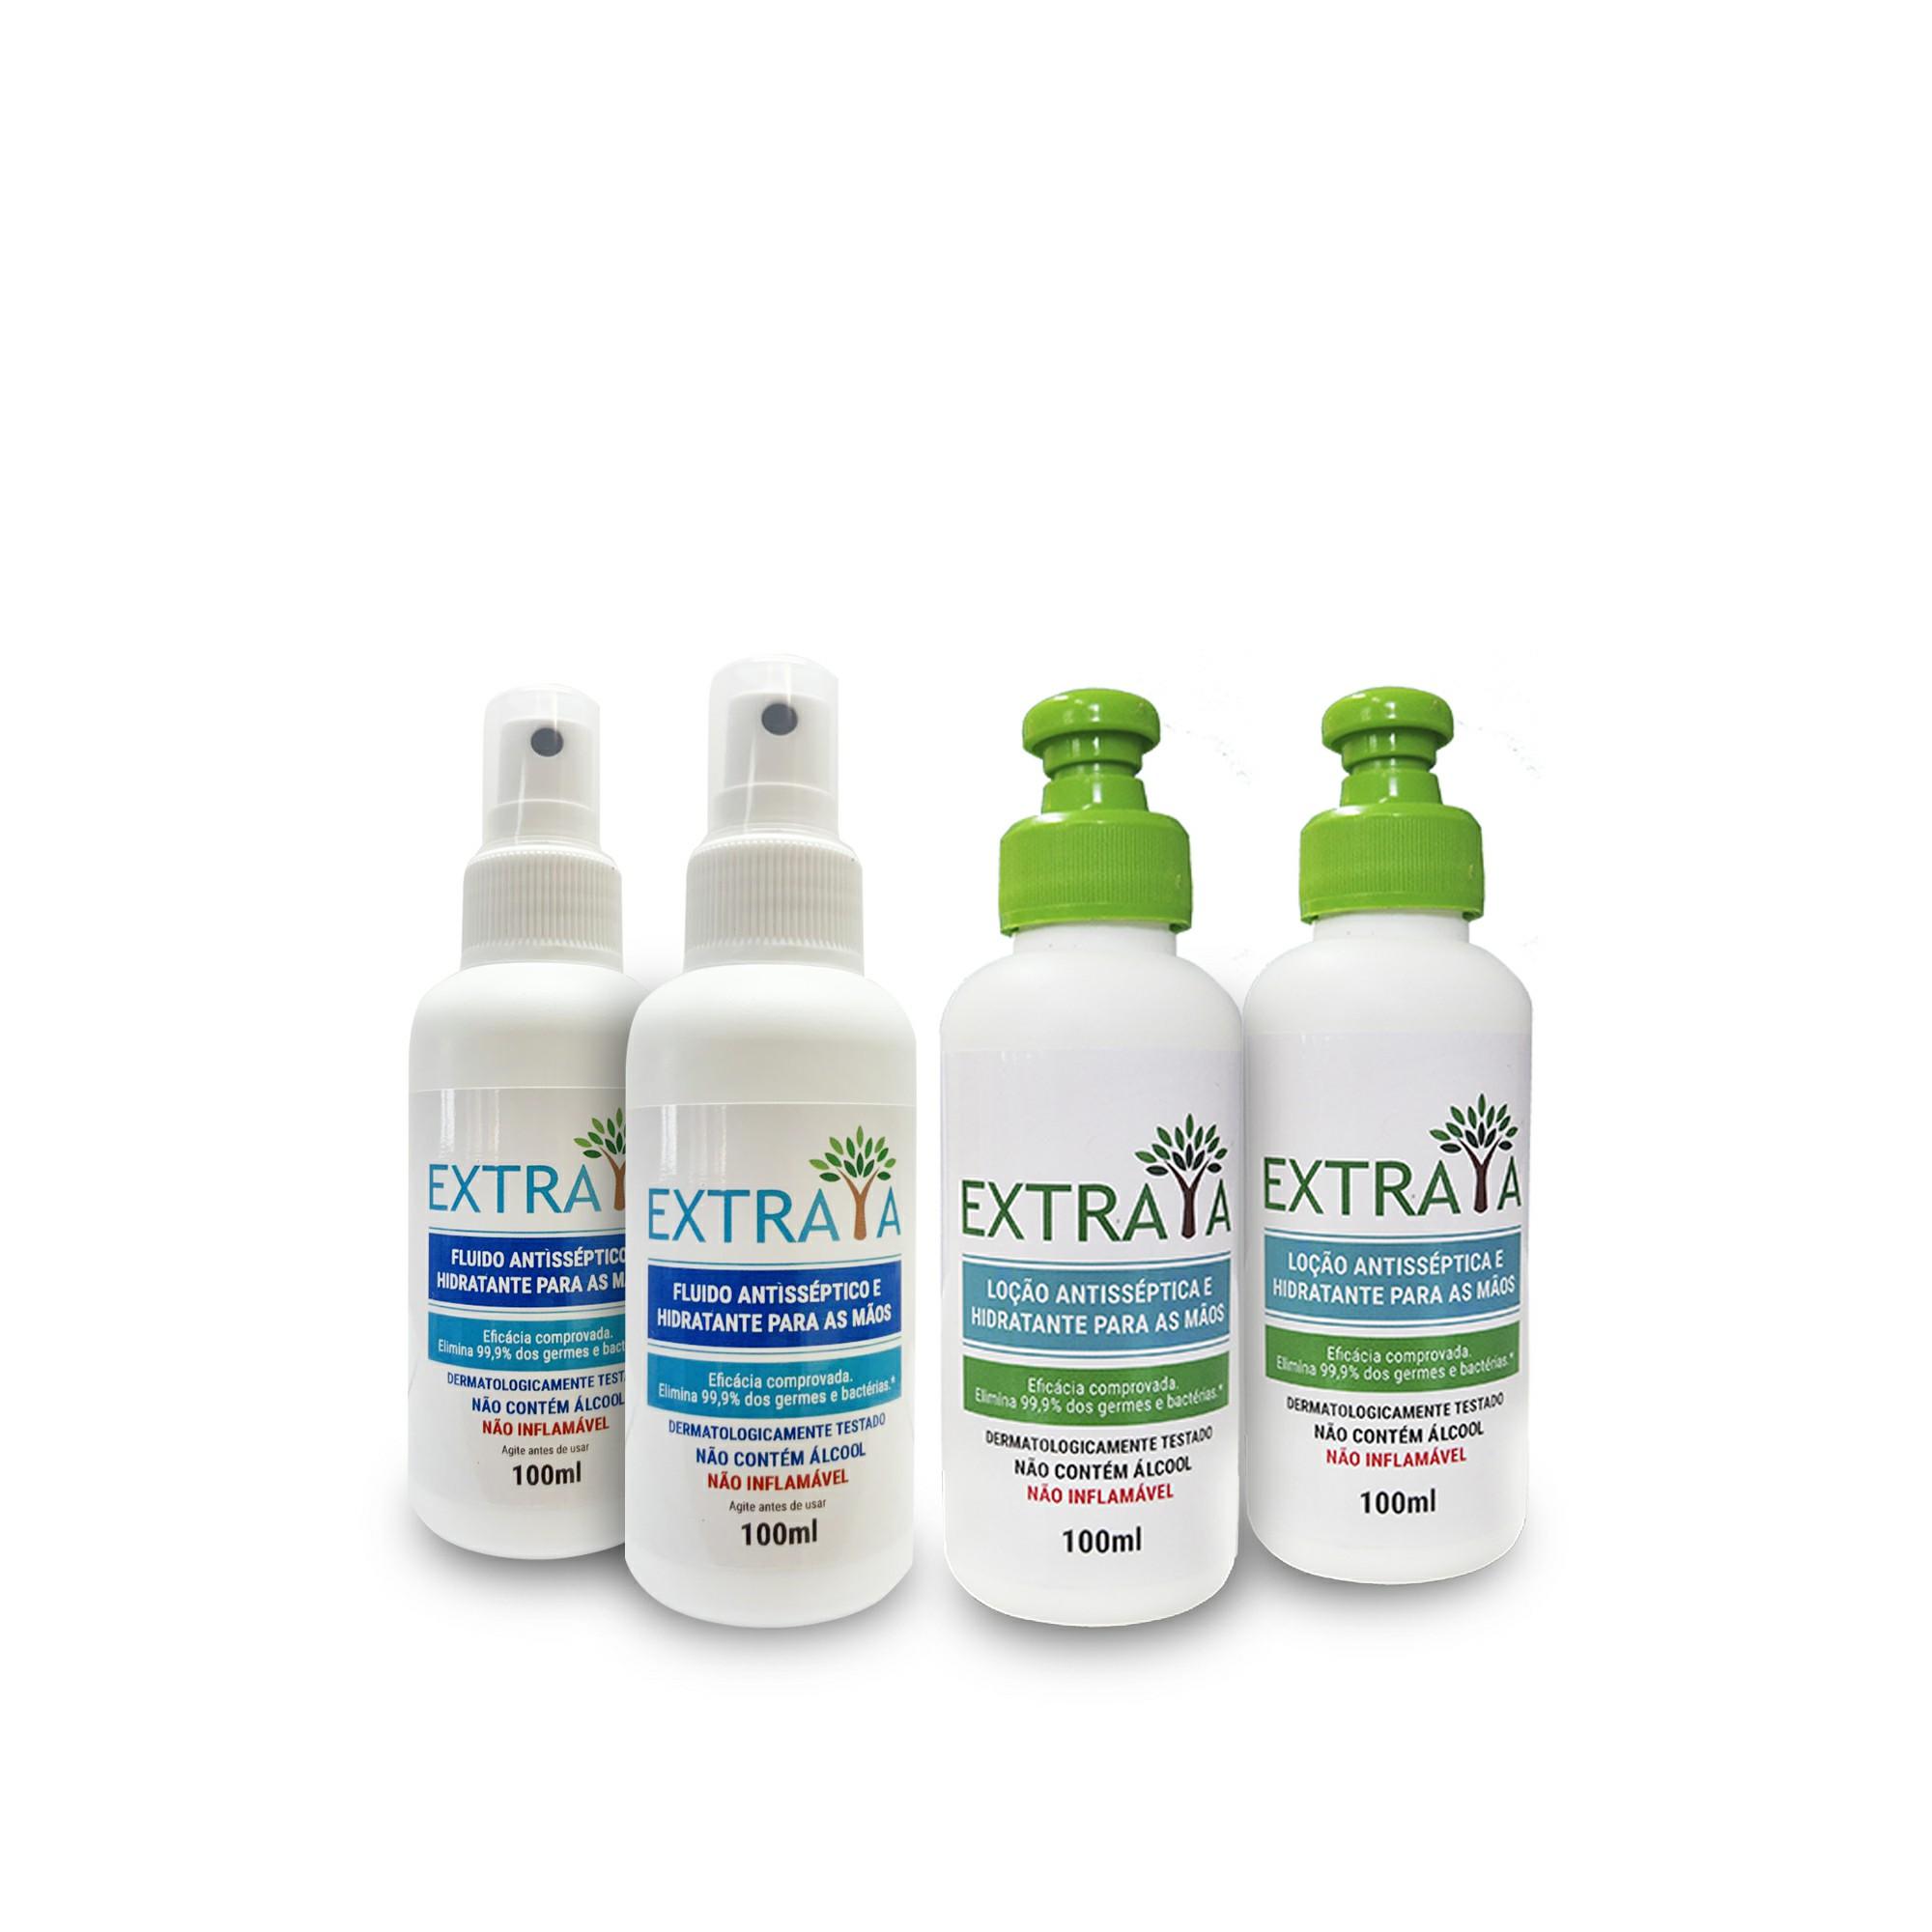 KIT 6 - 2 Loções e 2 sprays 100 ml